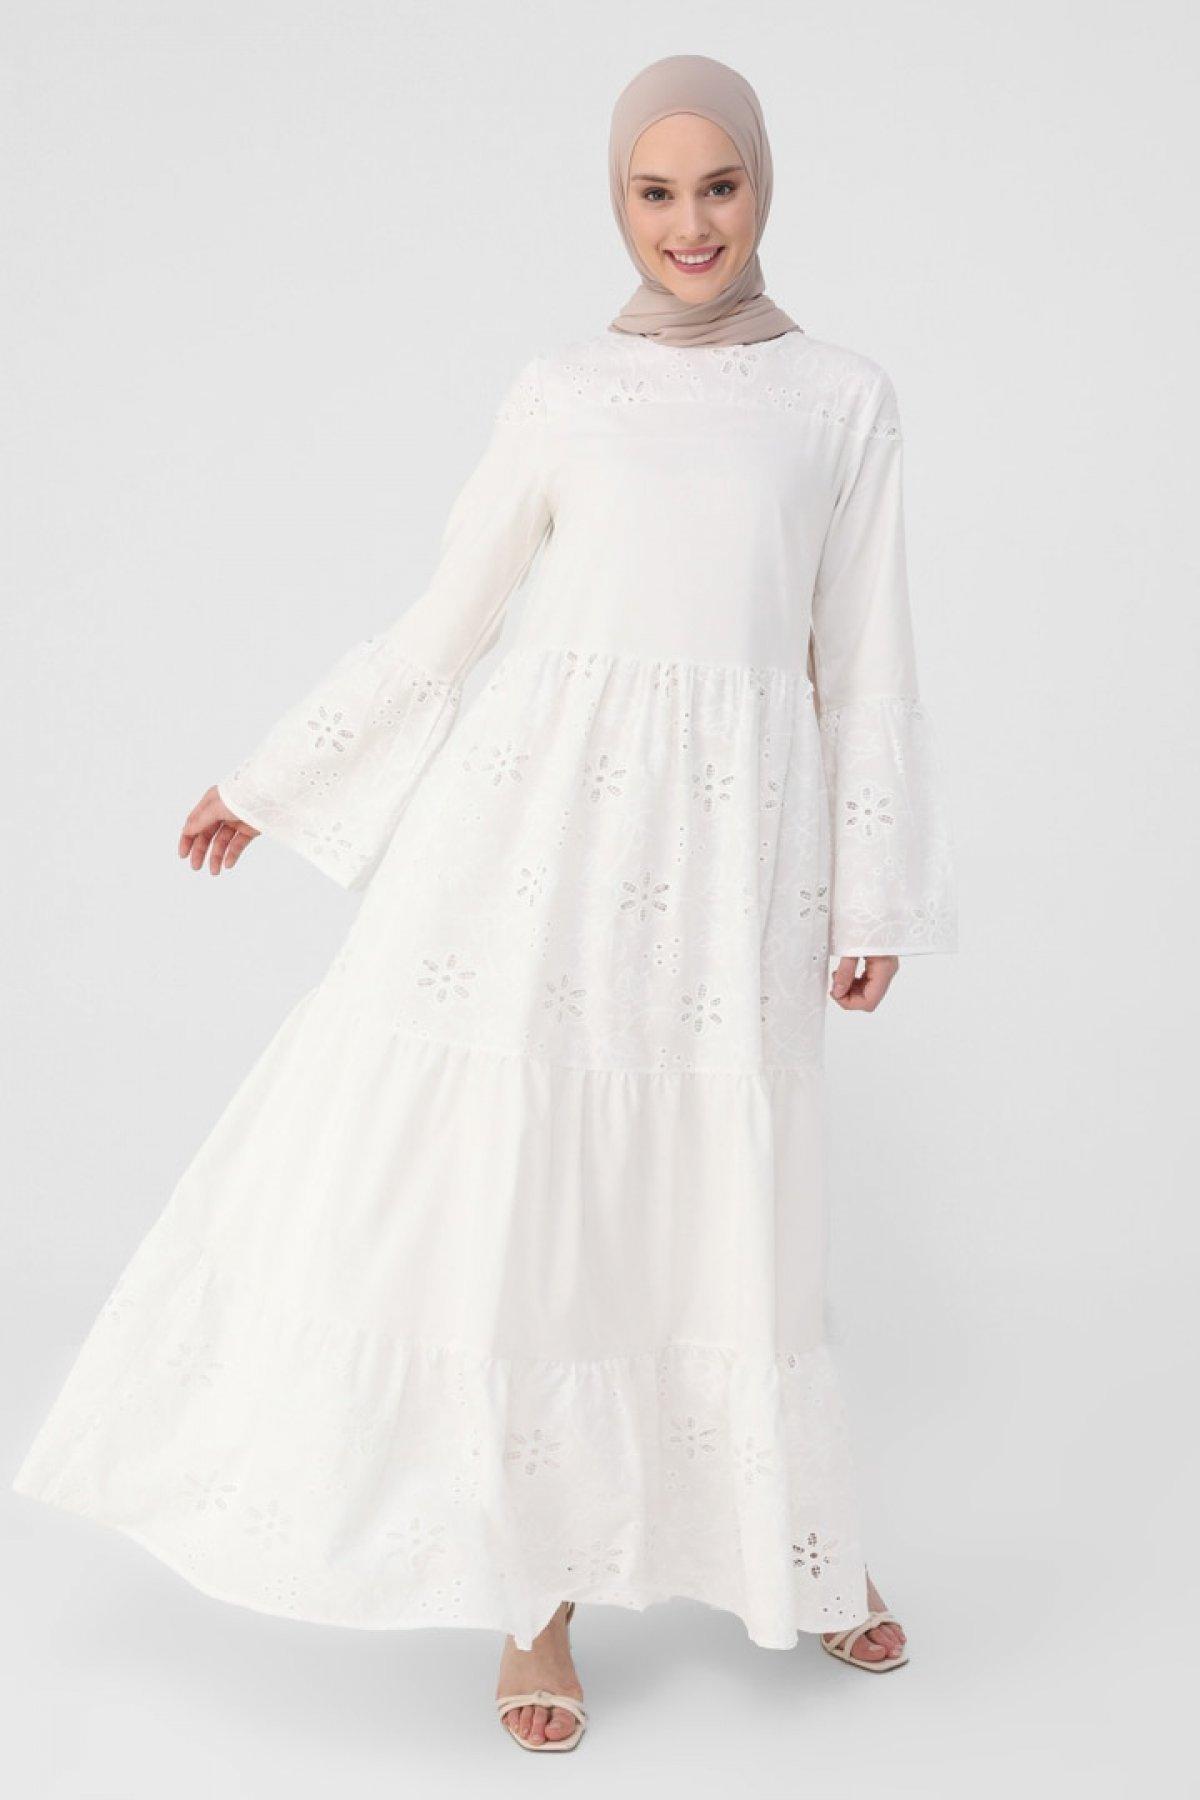 Refka Beyaz Nakışlı ve Astarlı Geniş Kesimli Elbise